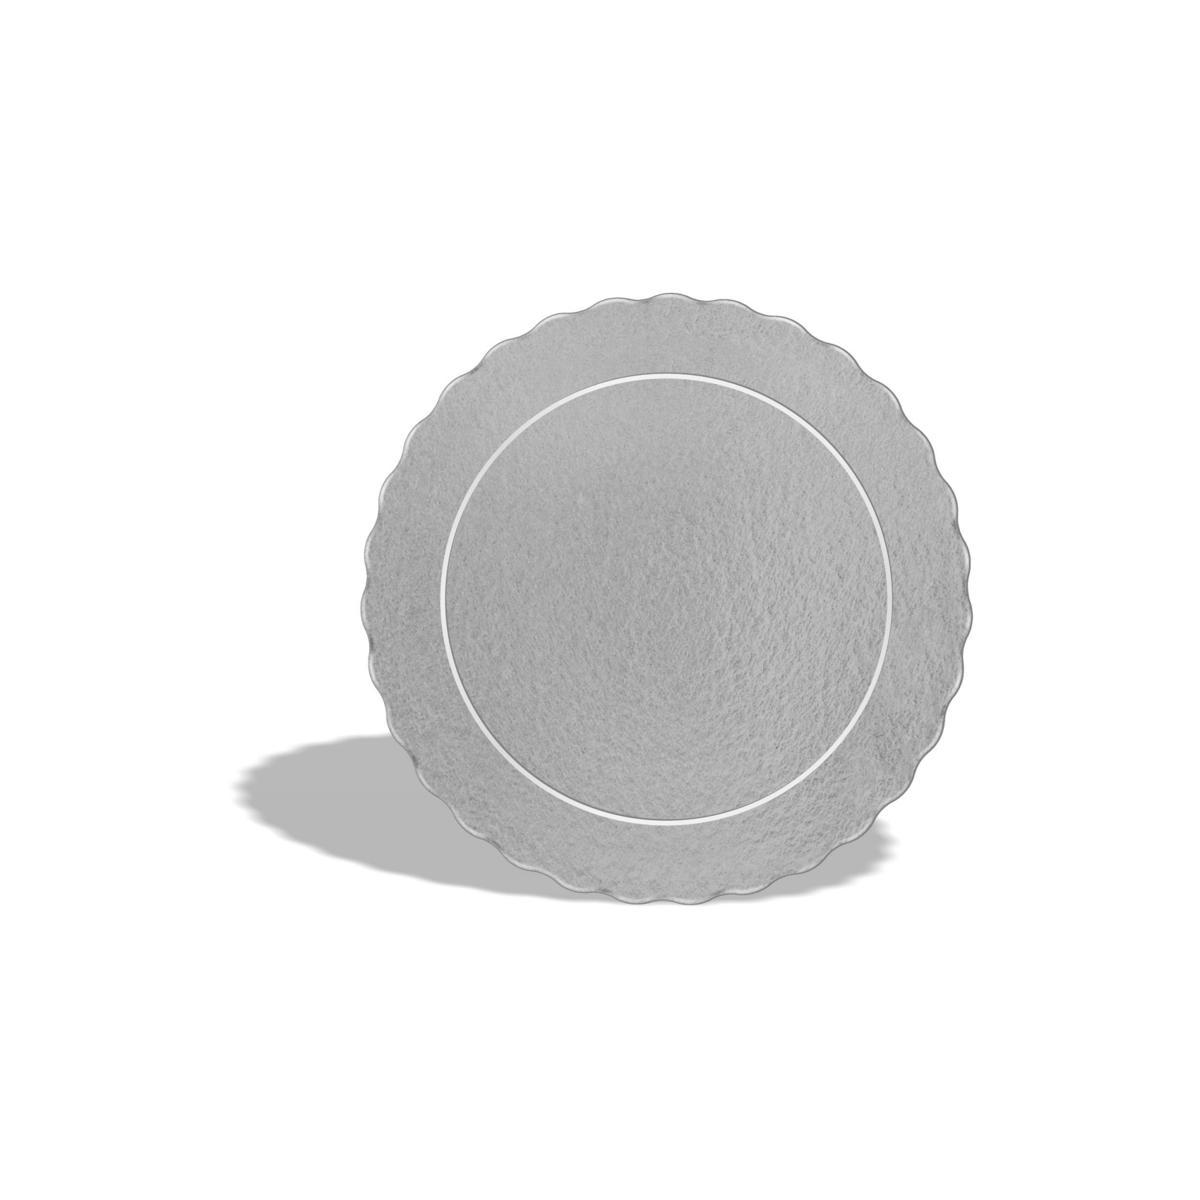 50 Bases Laminadas Para Bolo Redondo, Cake Board 12cm - Prata